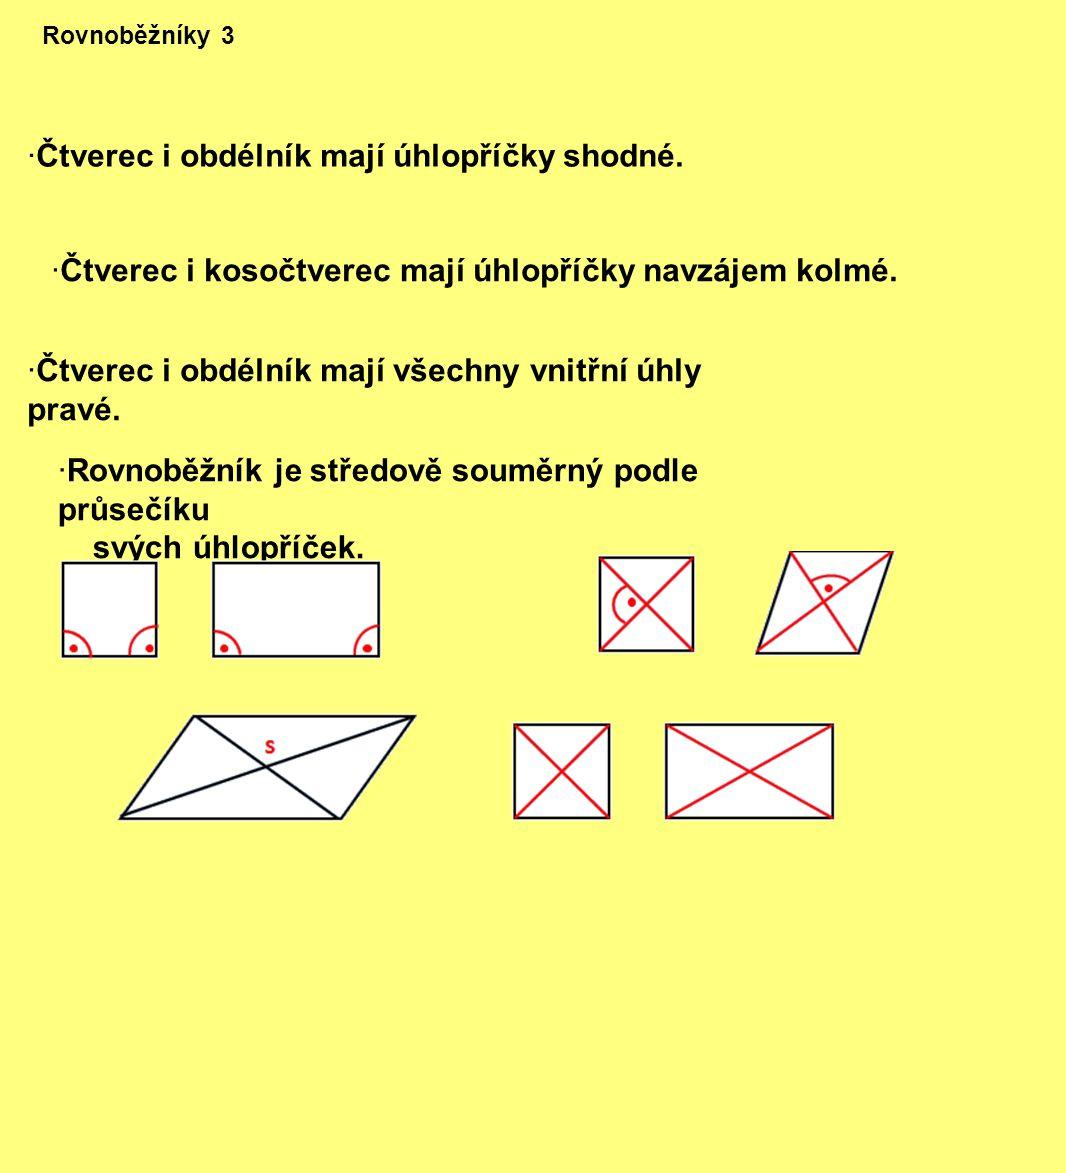 Rovnoběžníky 3 ·Čtverec i obdélník mají úhlopříčky shodné. ·Čtverec i kosočtverec mají úhlopříčky navzájem kolmé. ·Čtverec i obdélník mají všechny vni